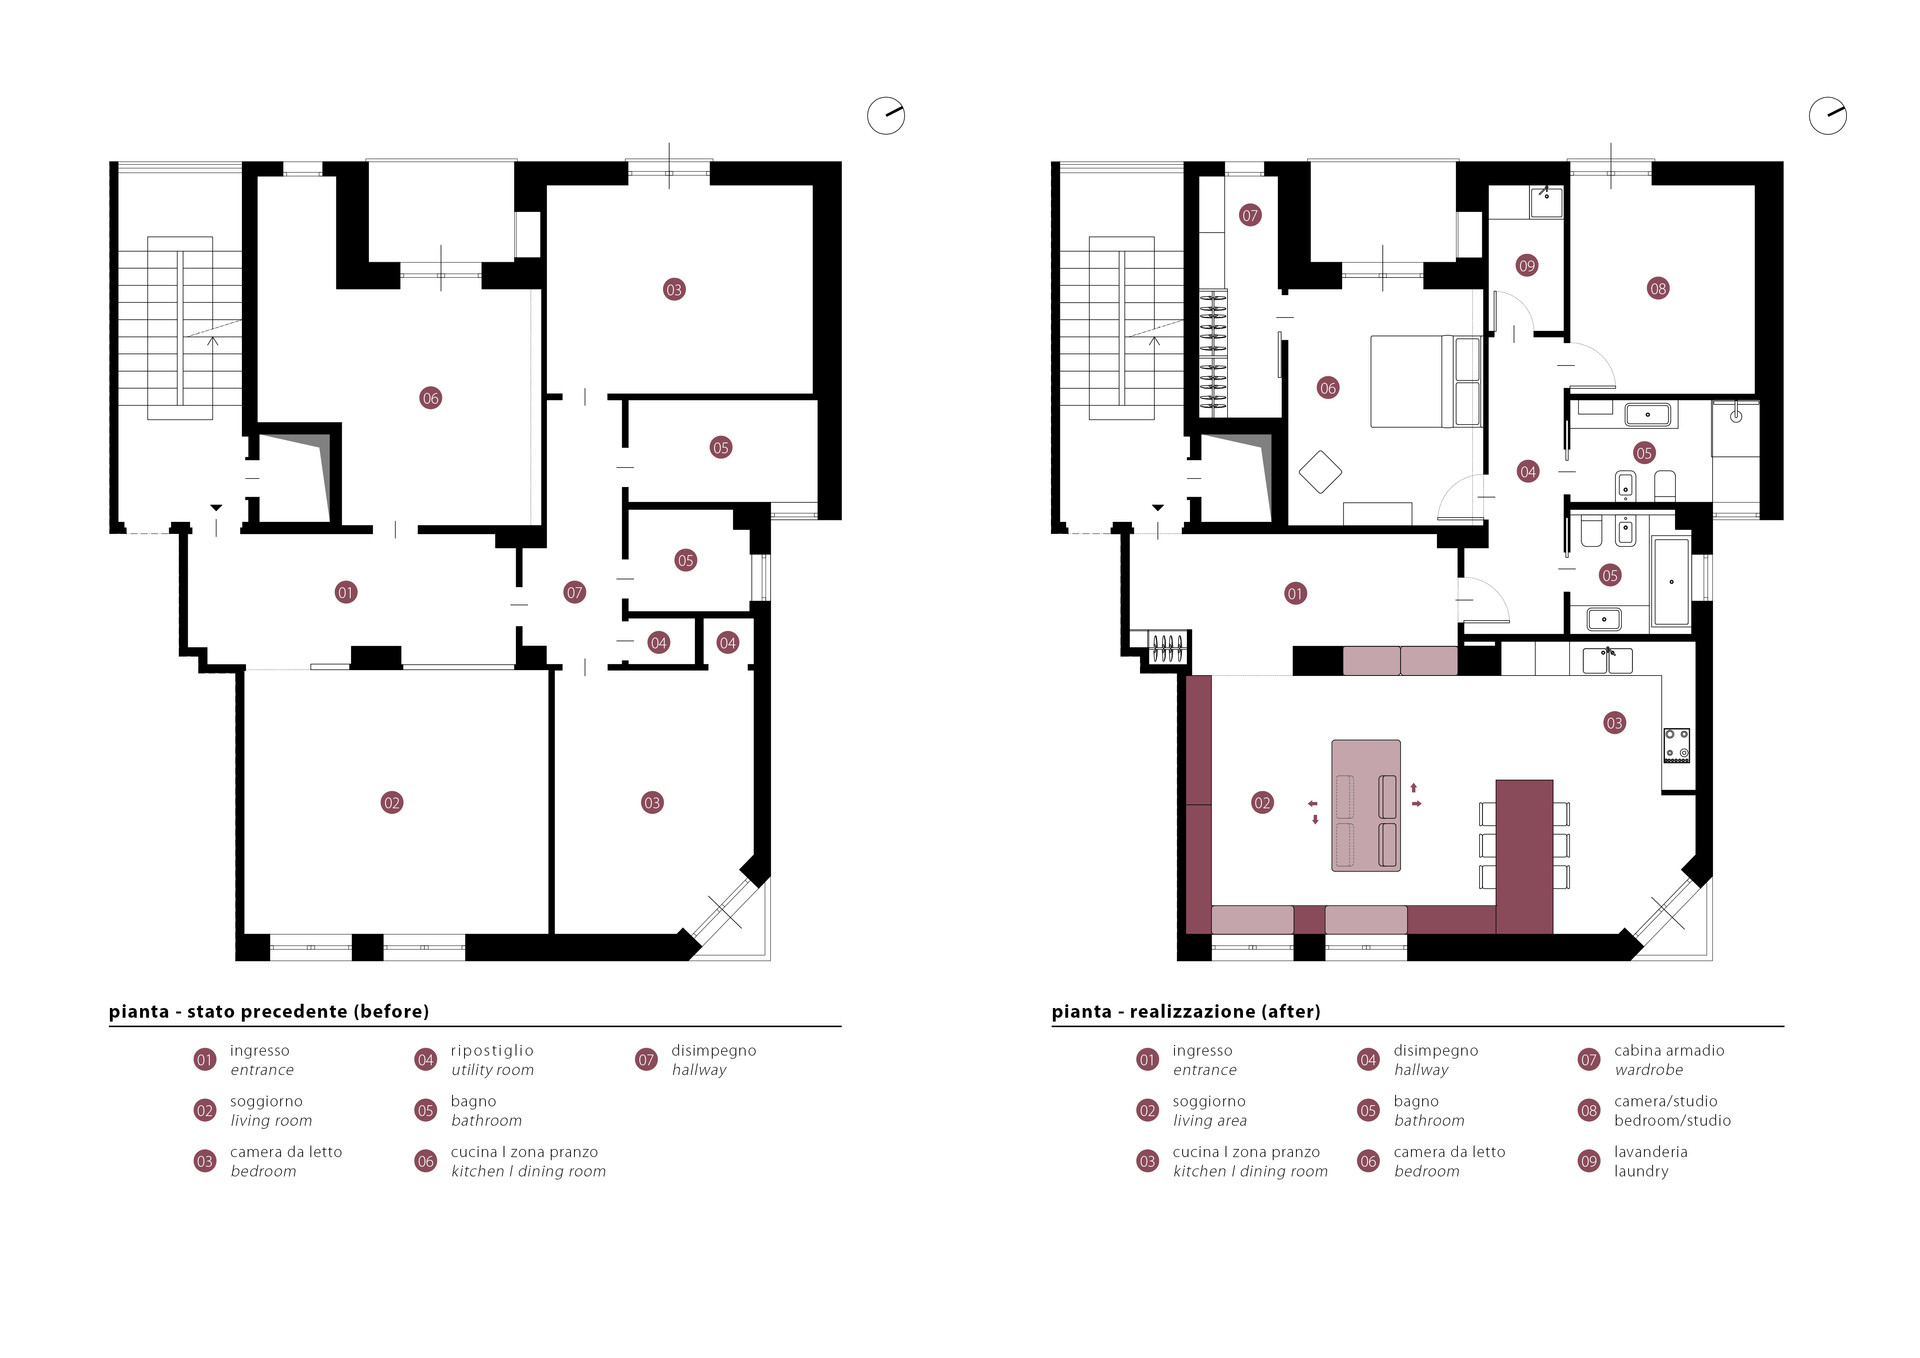 Pianta I Floor Plan